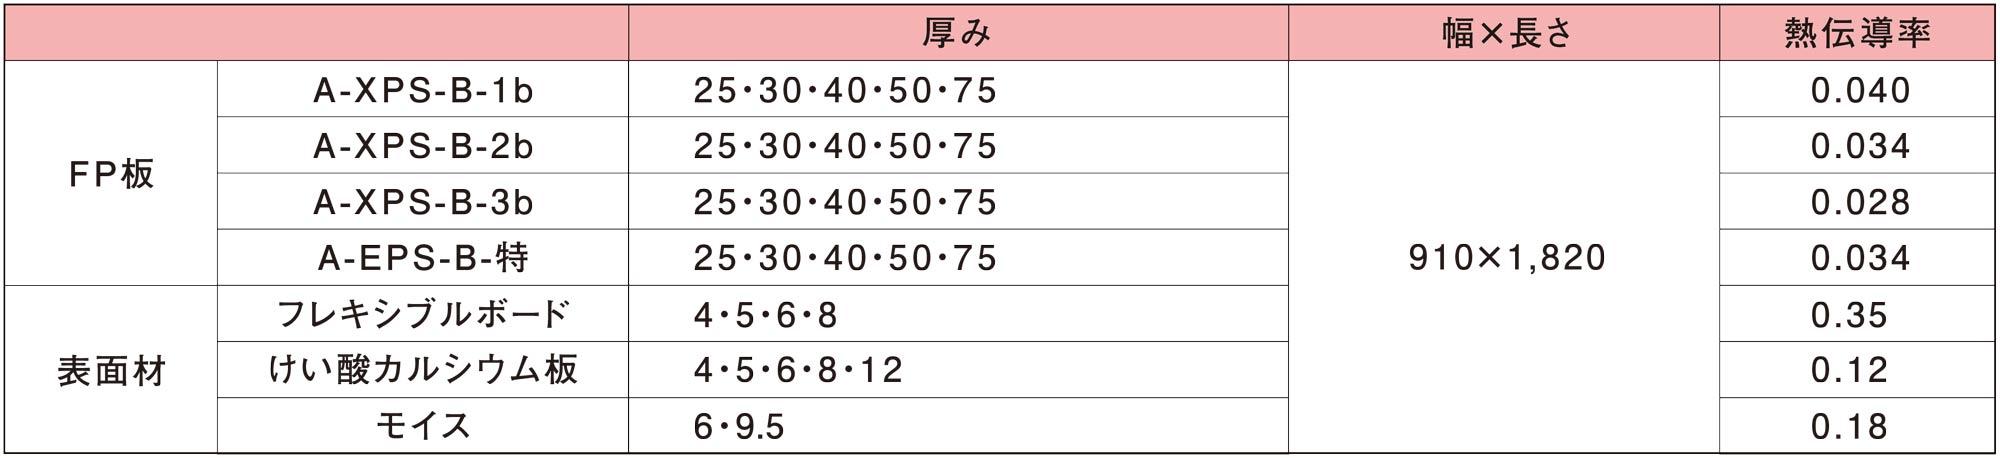 コモドパネル規格表